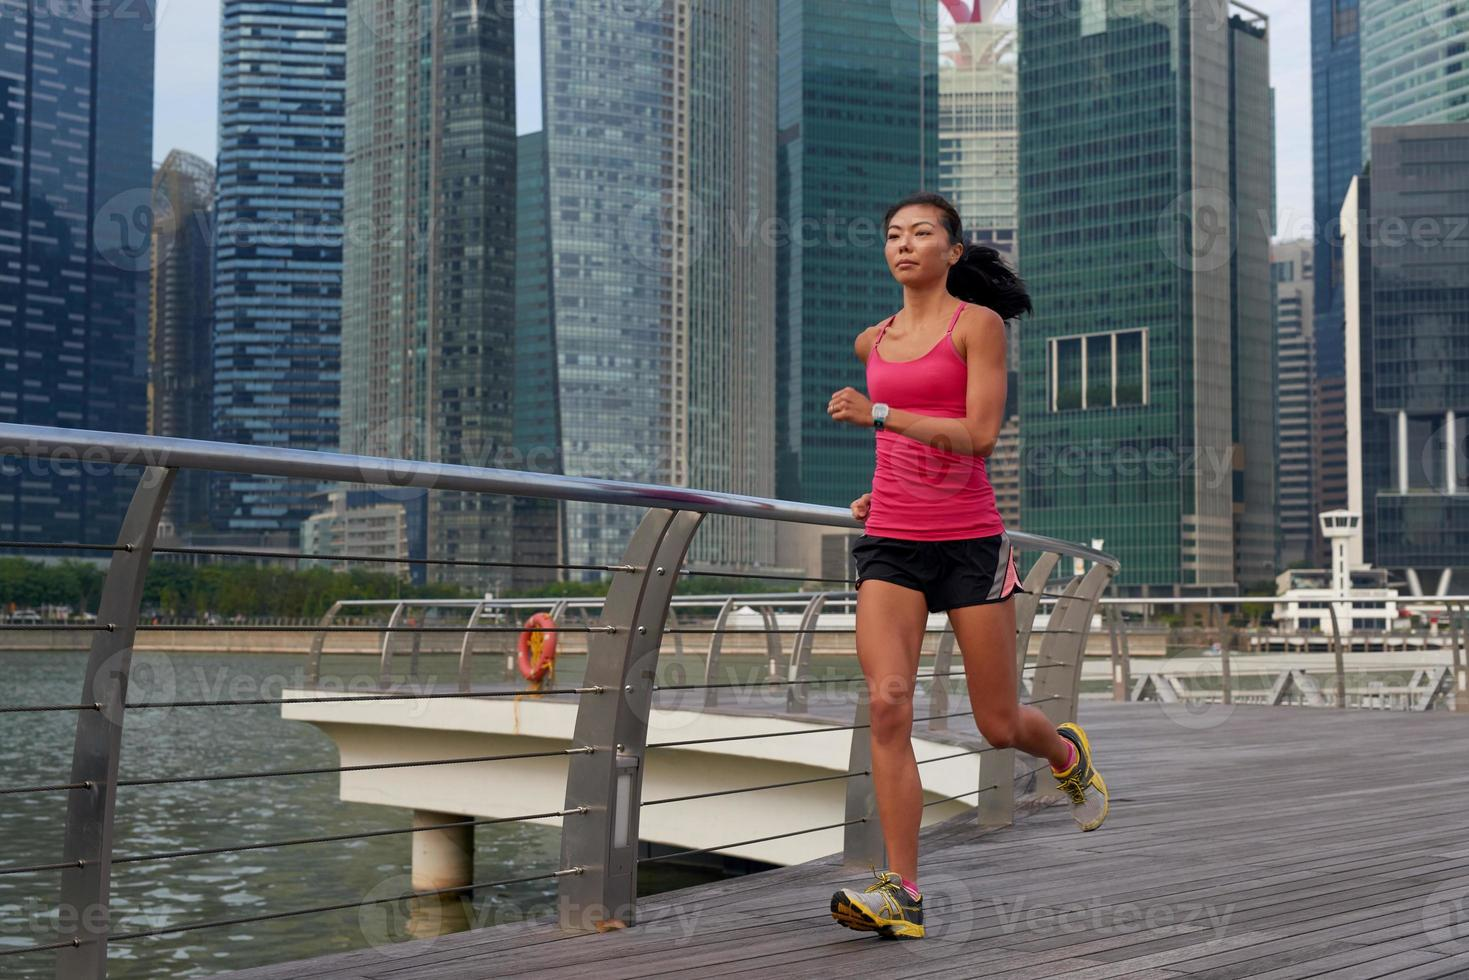 mulher de fitness correndo foto